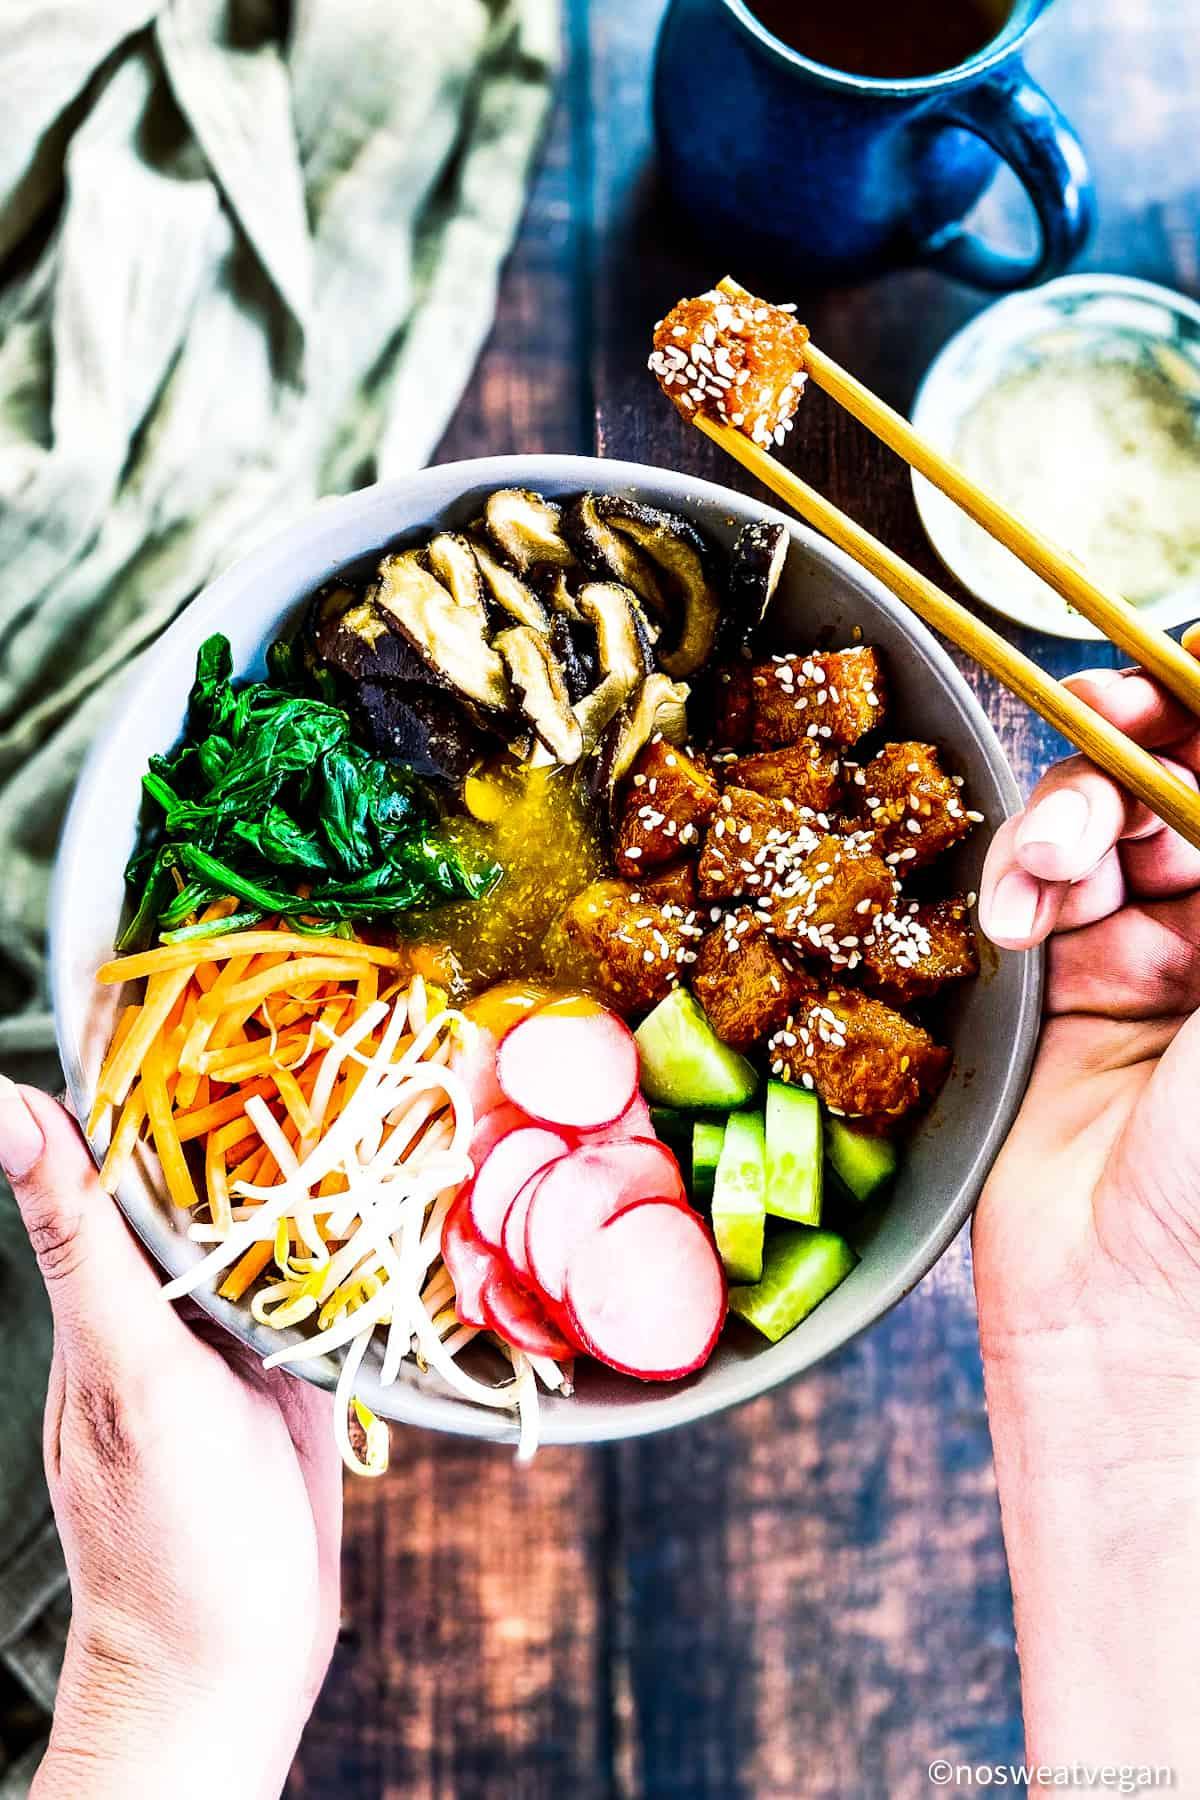 Bibimbap vegan ingredients in bowl with hand holding chopsticks and picking up a piece of Korean tofu.